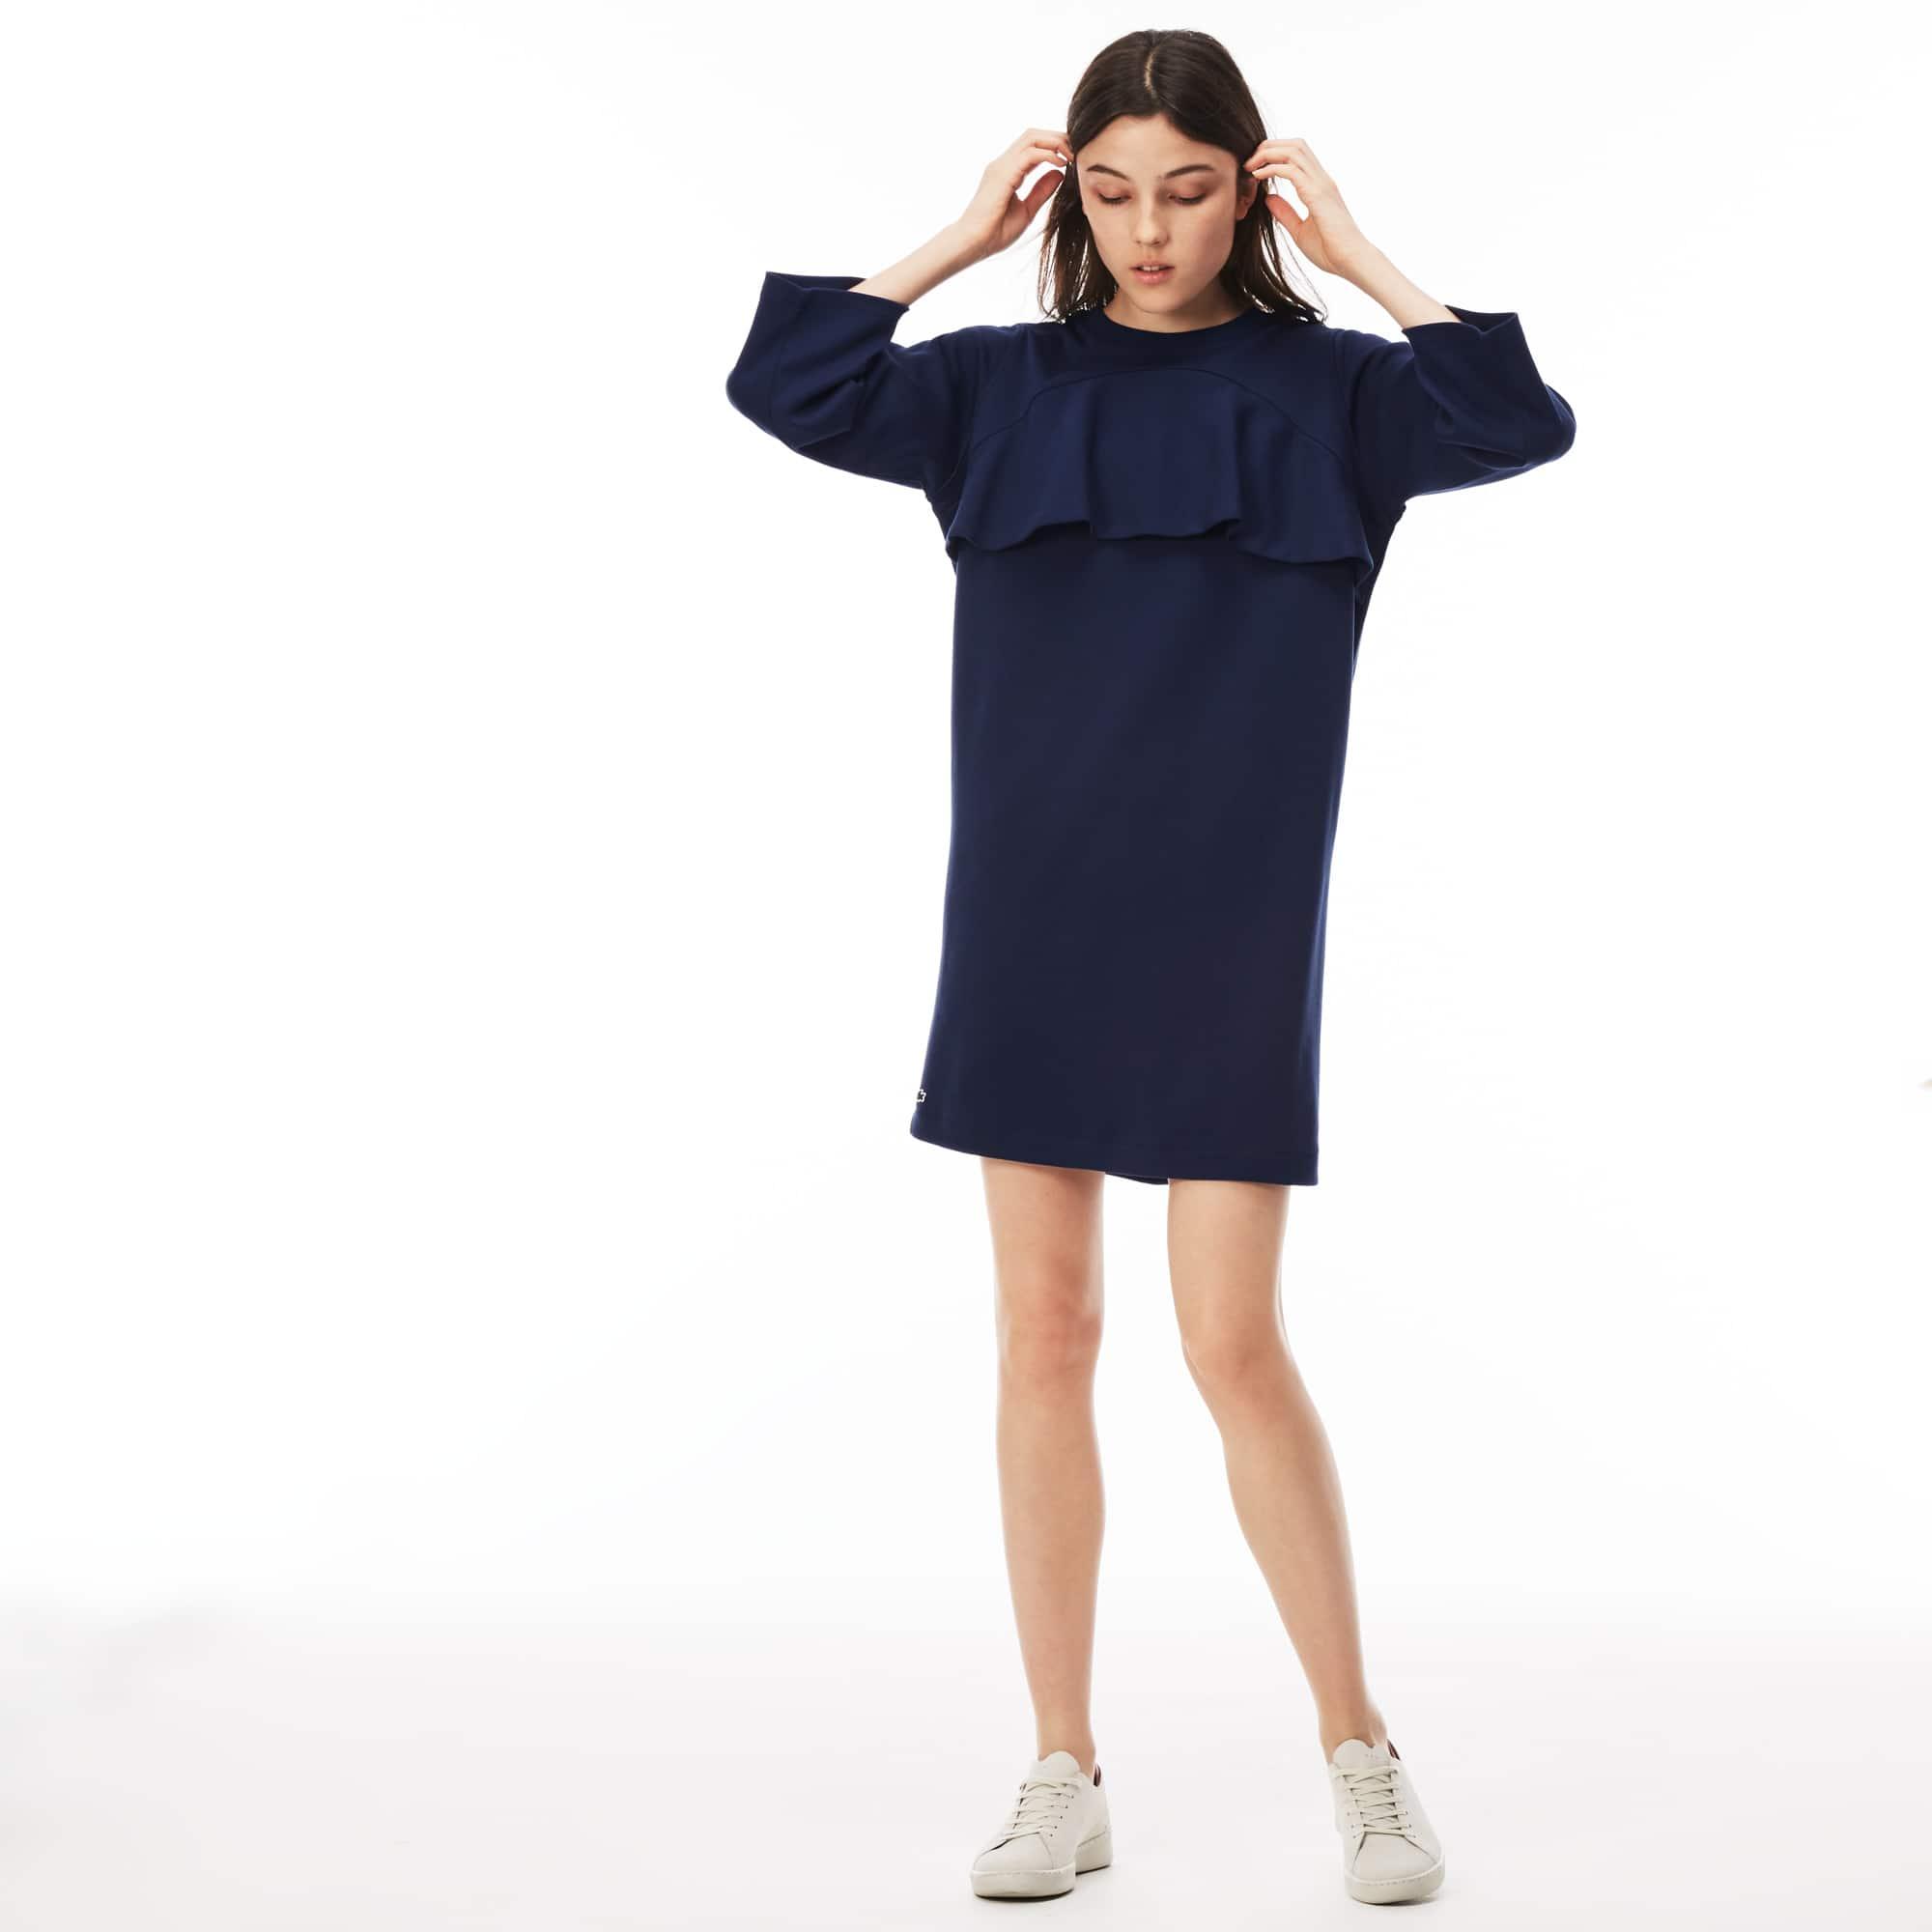 Damen-Sweatshirtkleid aus Interlock mit Volants LACOSTE L!VE